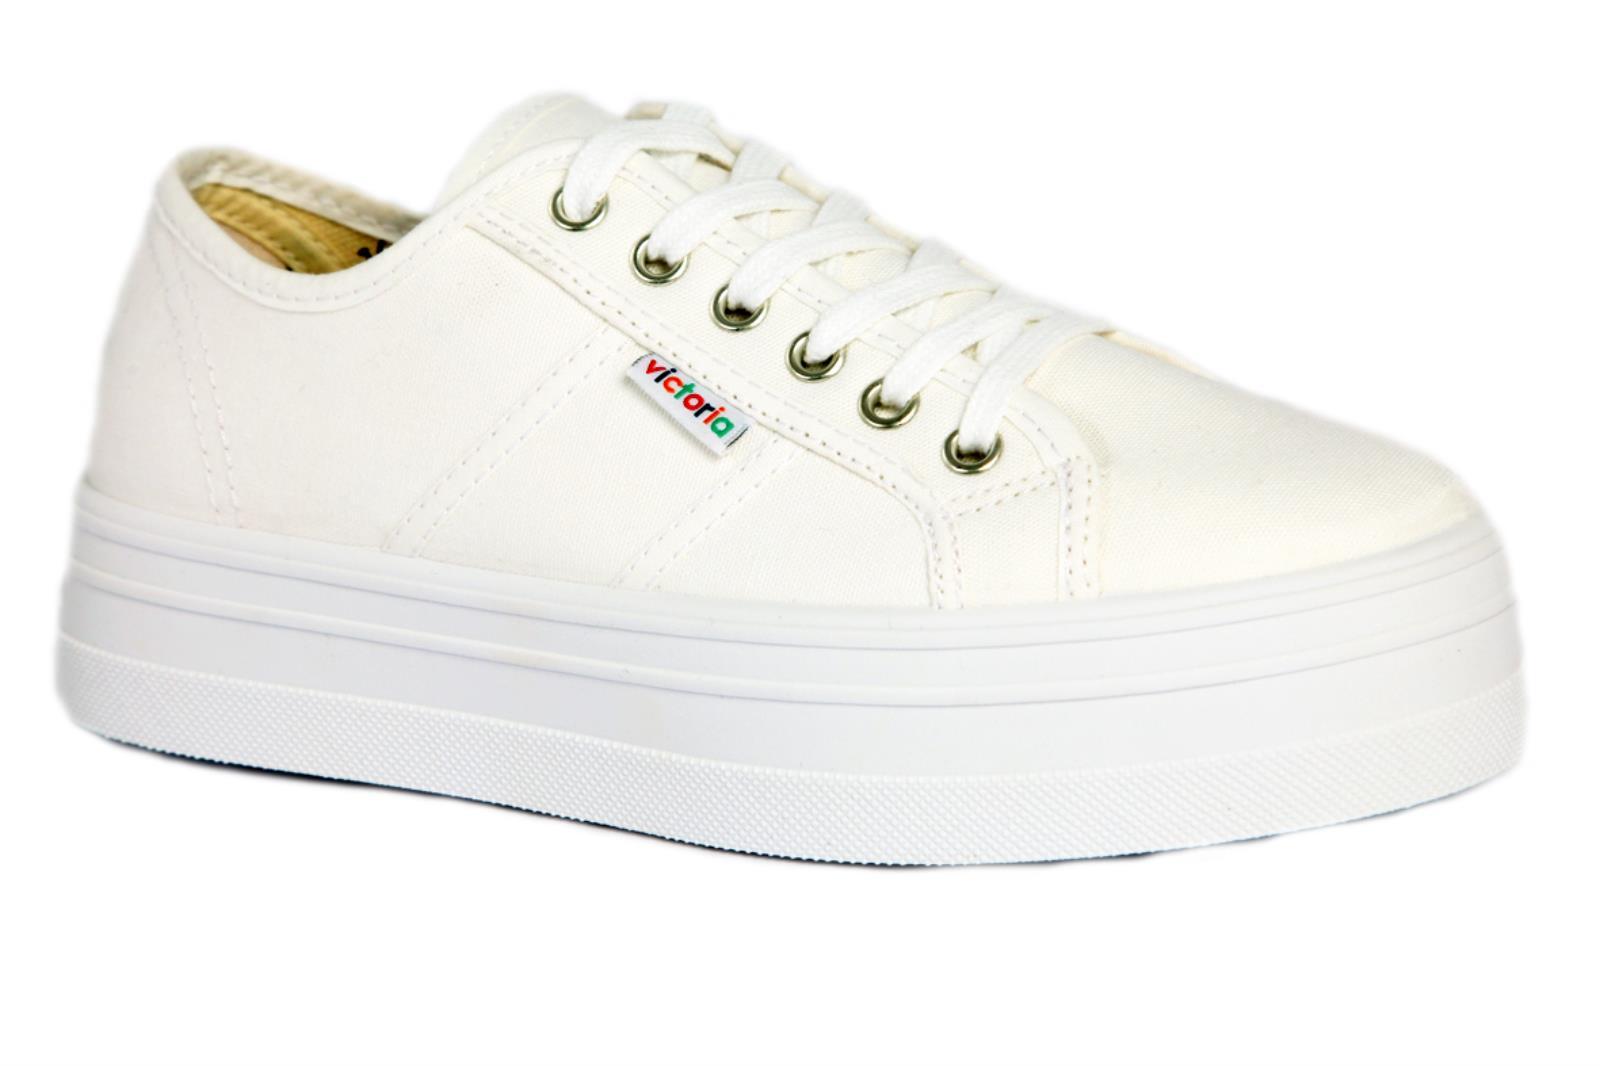 Victoria Sneaker Blucher Lona Plataforma Damenschuhe    Damenschuhe   35cbda